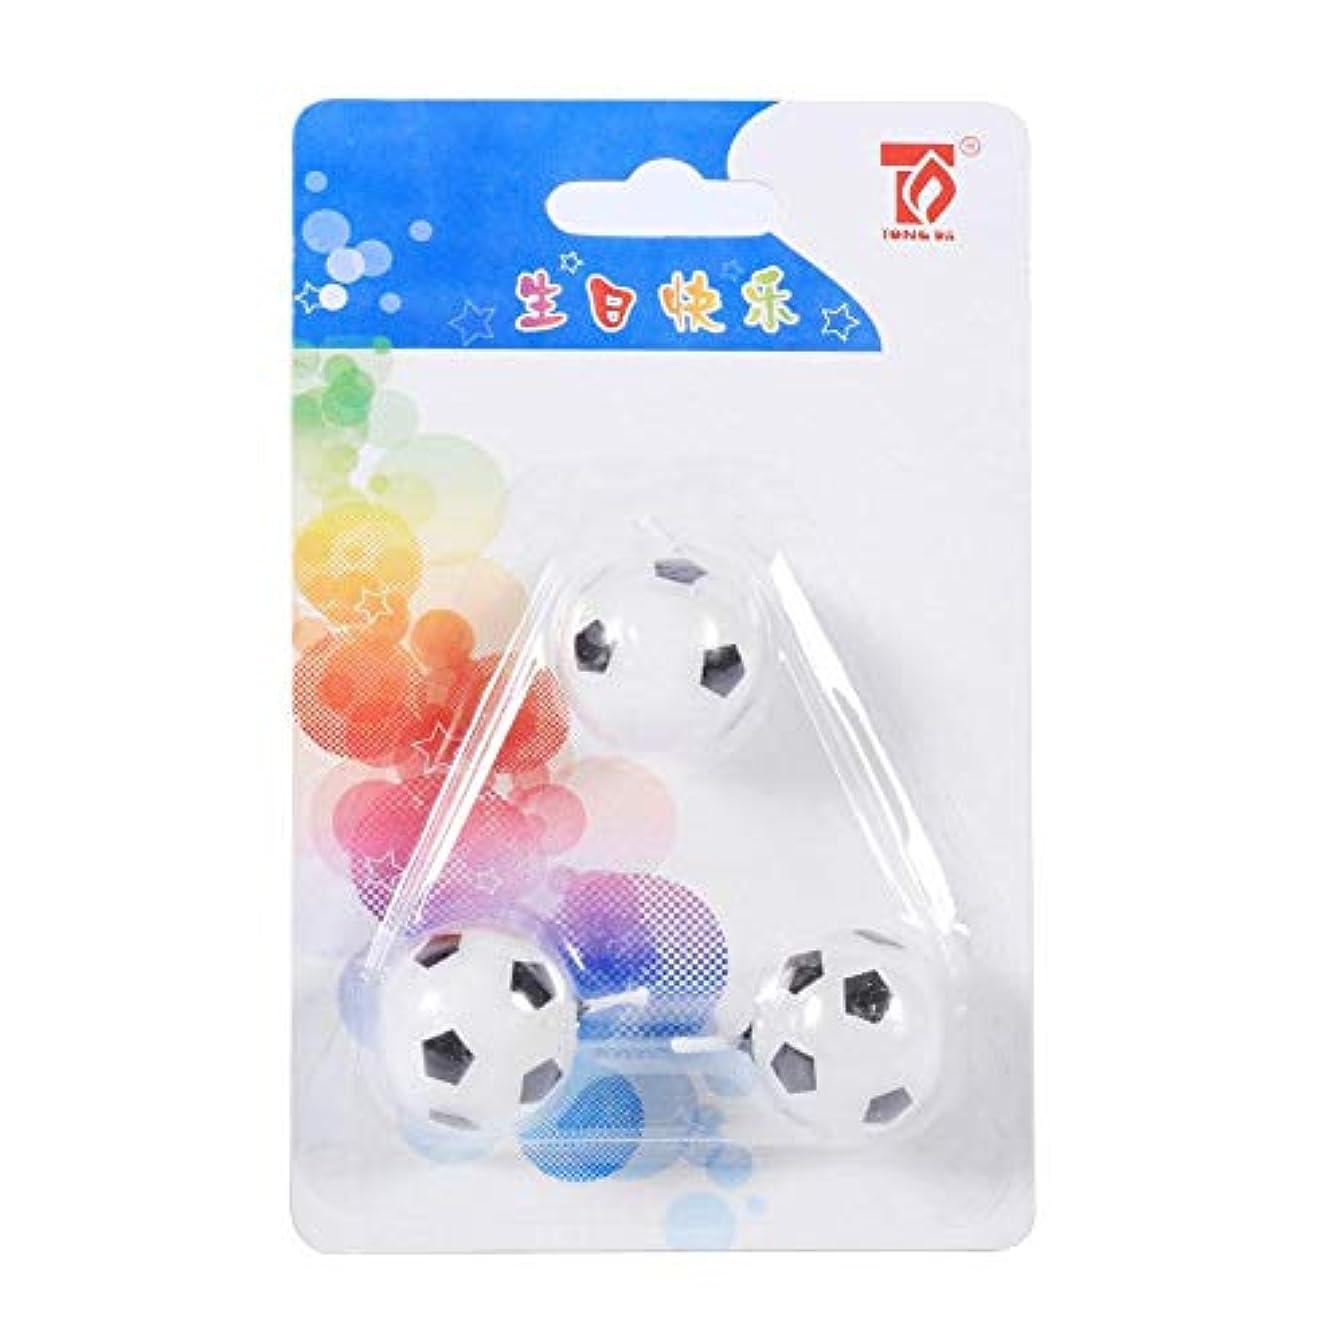 無傷受け入れるインペリアルEboxer キャンドル サッカーボールキャンドル キャンドル誕生日 子供向 3個入 サッカーボールの形 誕生日 パーティケーキのキャンドル 飾り物 可愛い